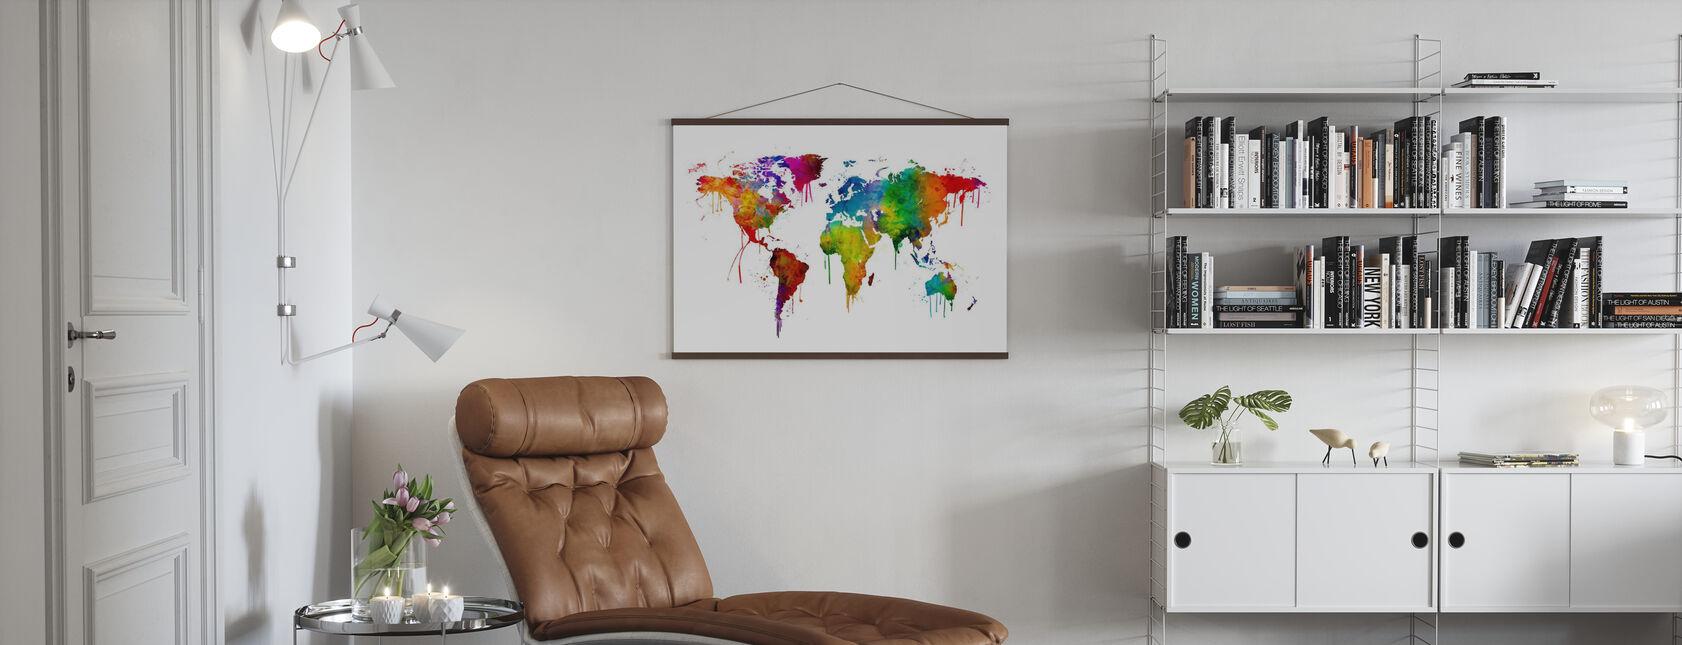 Akvarell World Karta - Poster - Vardagsrum